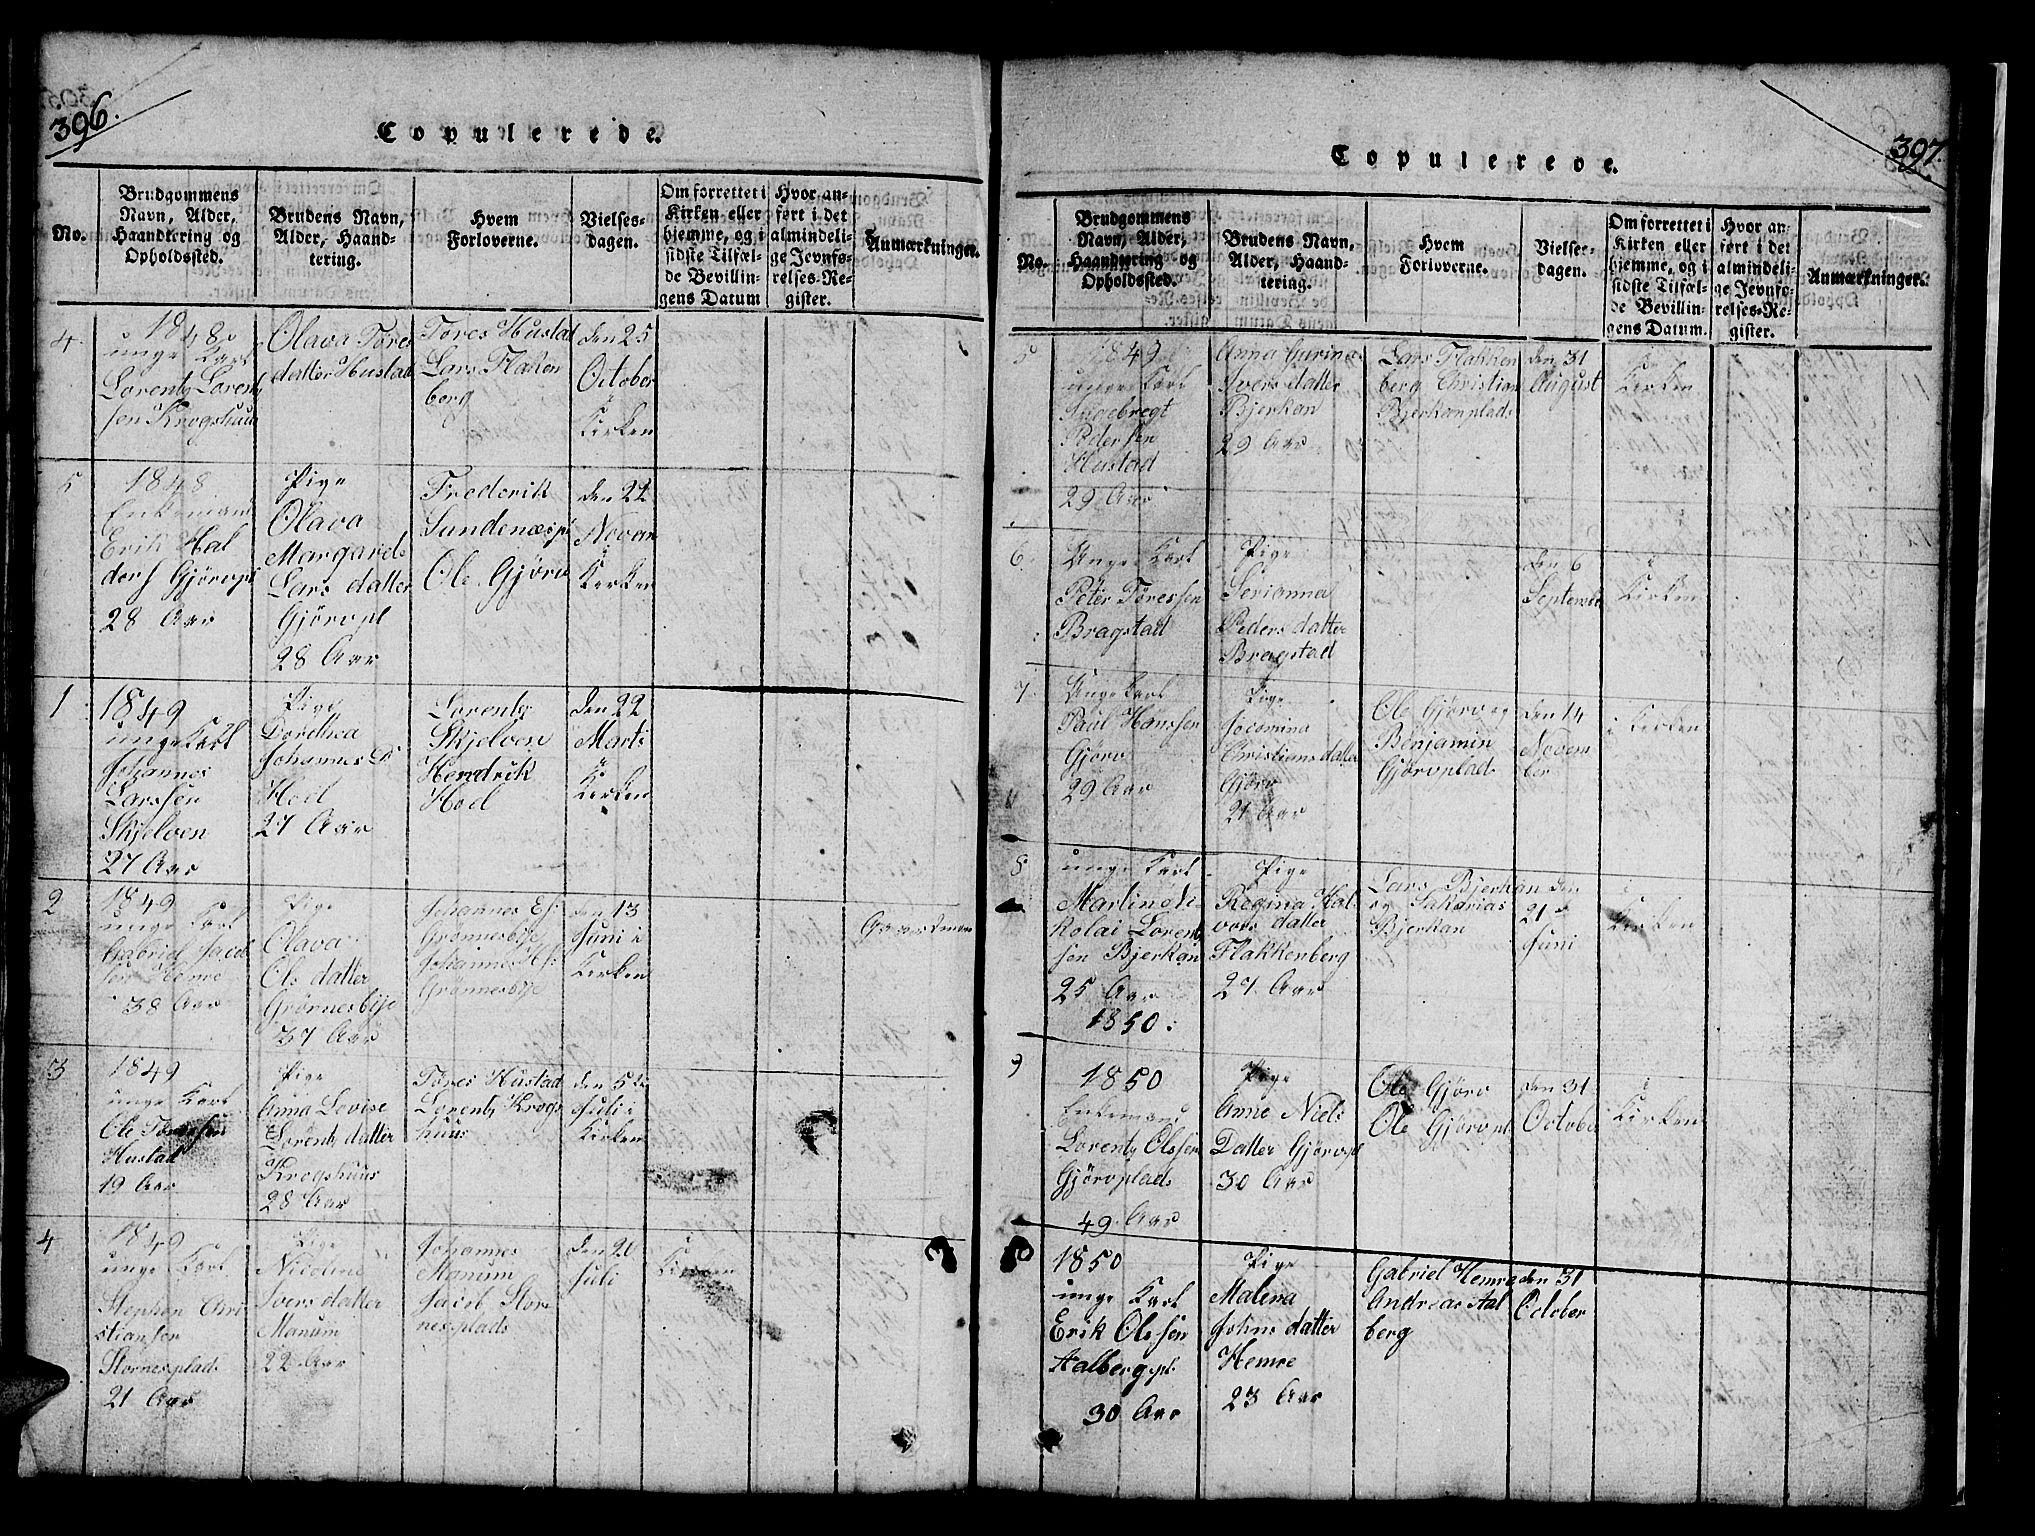 SAT, Ministerialprotokoller, klokkerbøker og fødselsregistre - Nord-Trøndelag, 732/L0317: Klokkerbok nr. 732C01, 1816-1881, s. 396-397